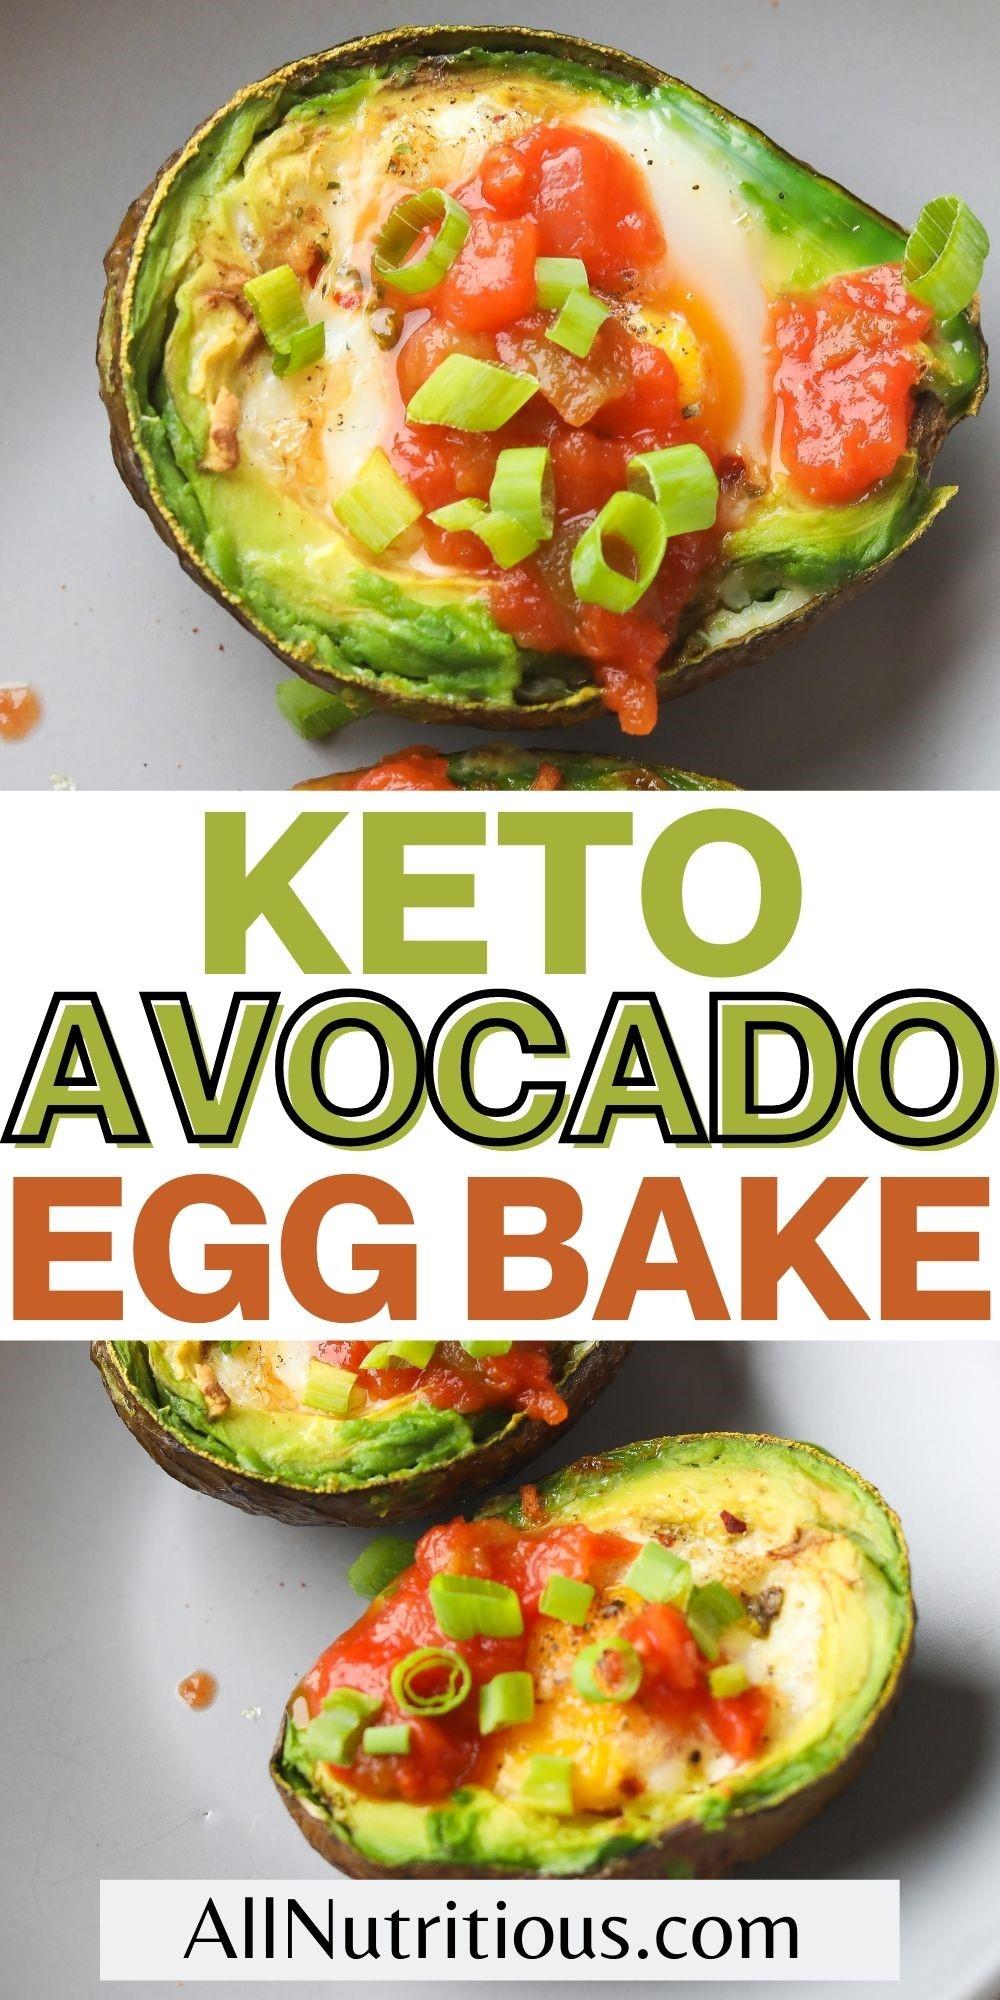 keto avocado egg bake